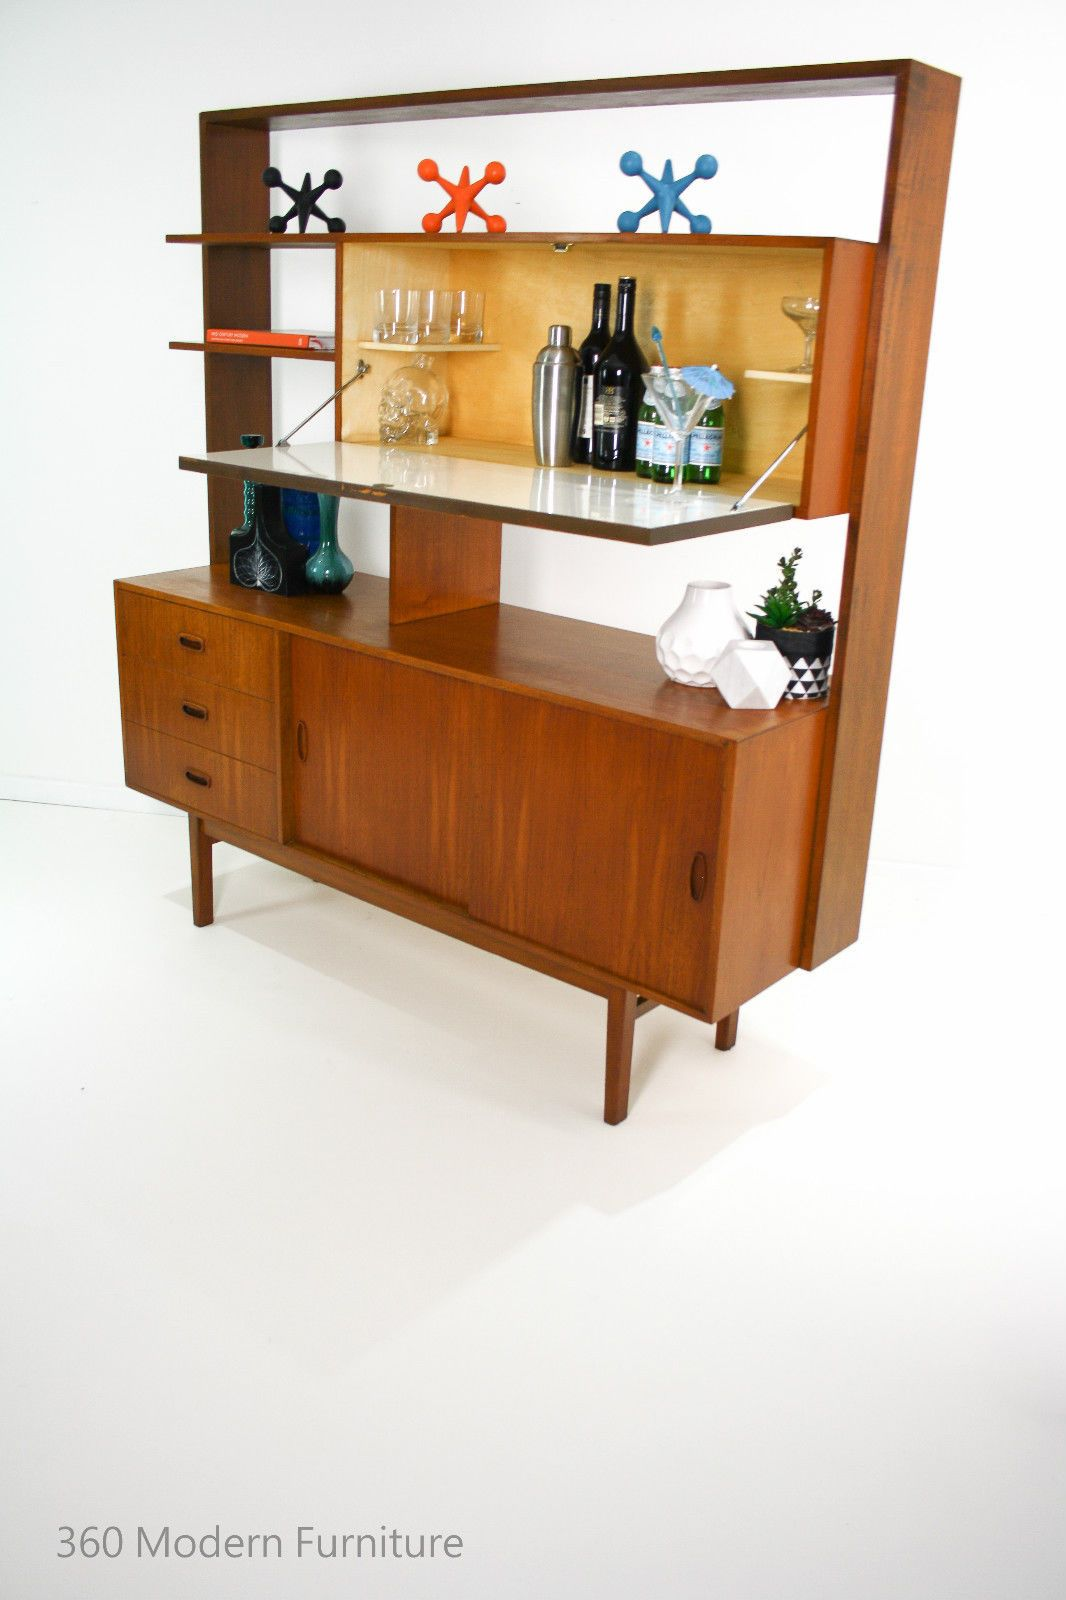 Mid Century Teak Sideboard Room Divider Bar Shelves Cabinet